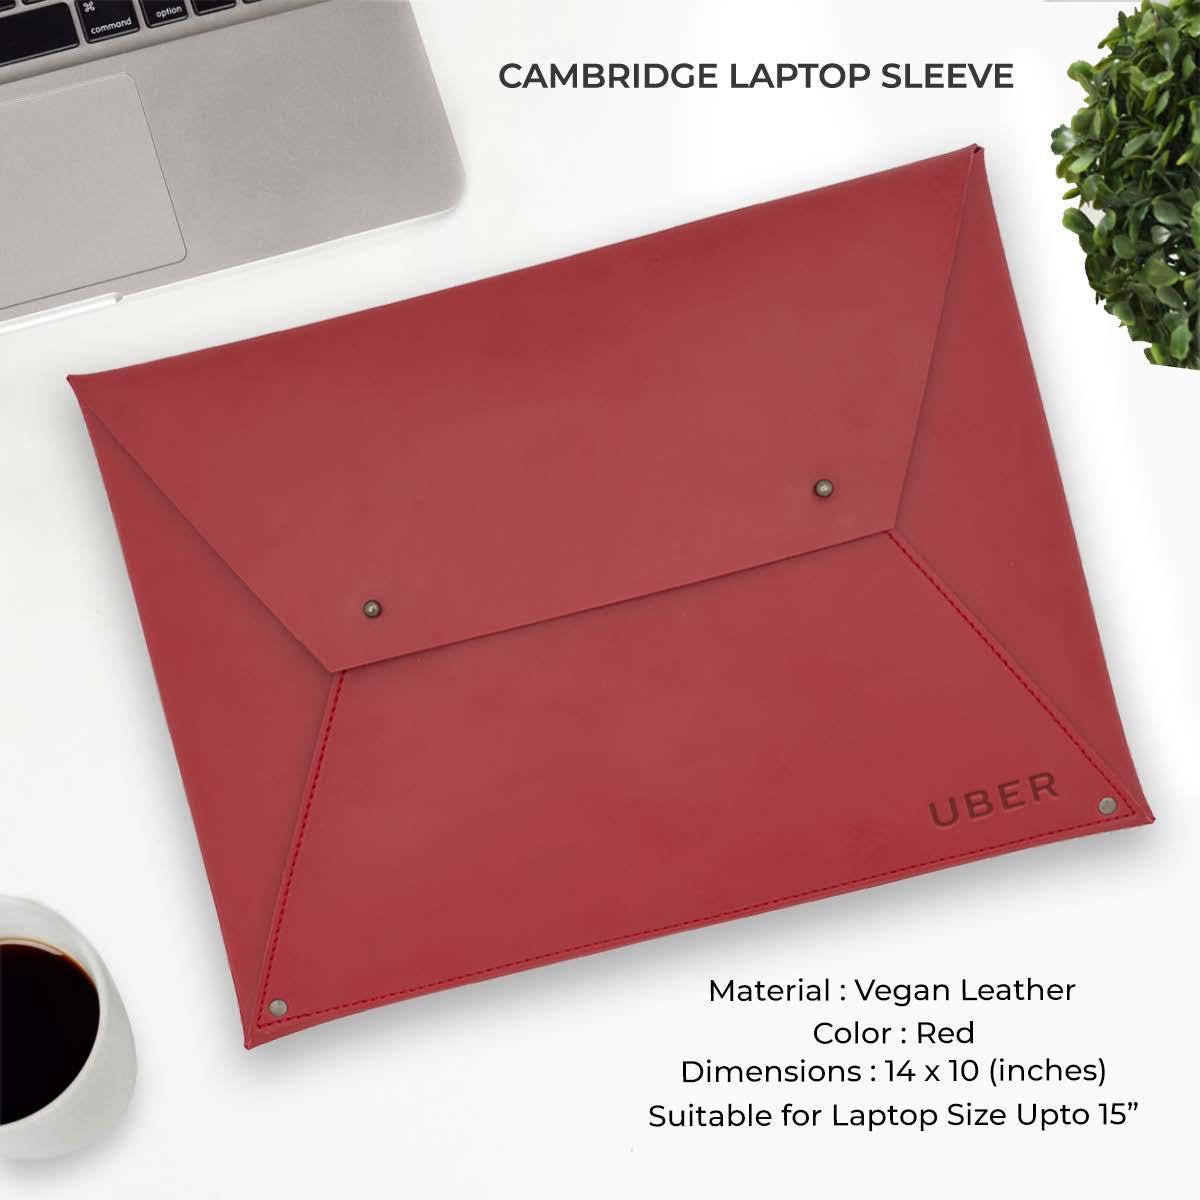 Cambridge Laptop Sleeve - Red